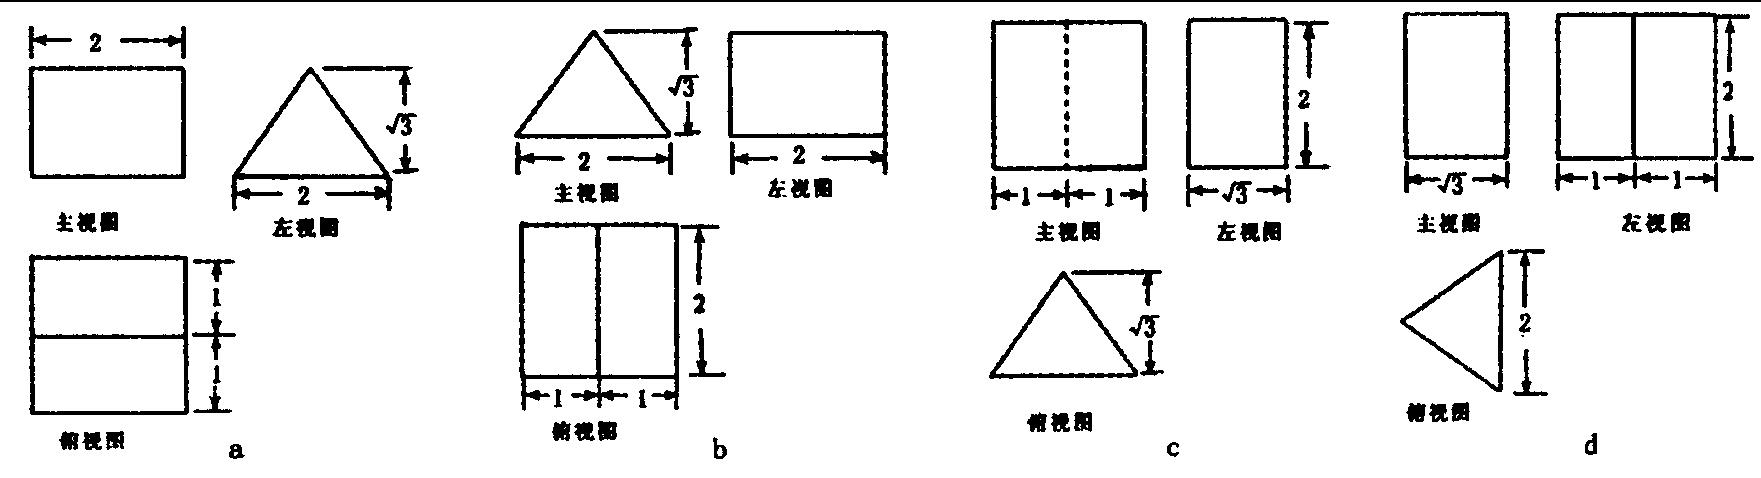 d 6,正视图为一个三角形的几何体可以是______     圆锥,三棱锥,四图片